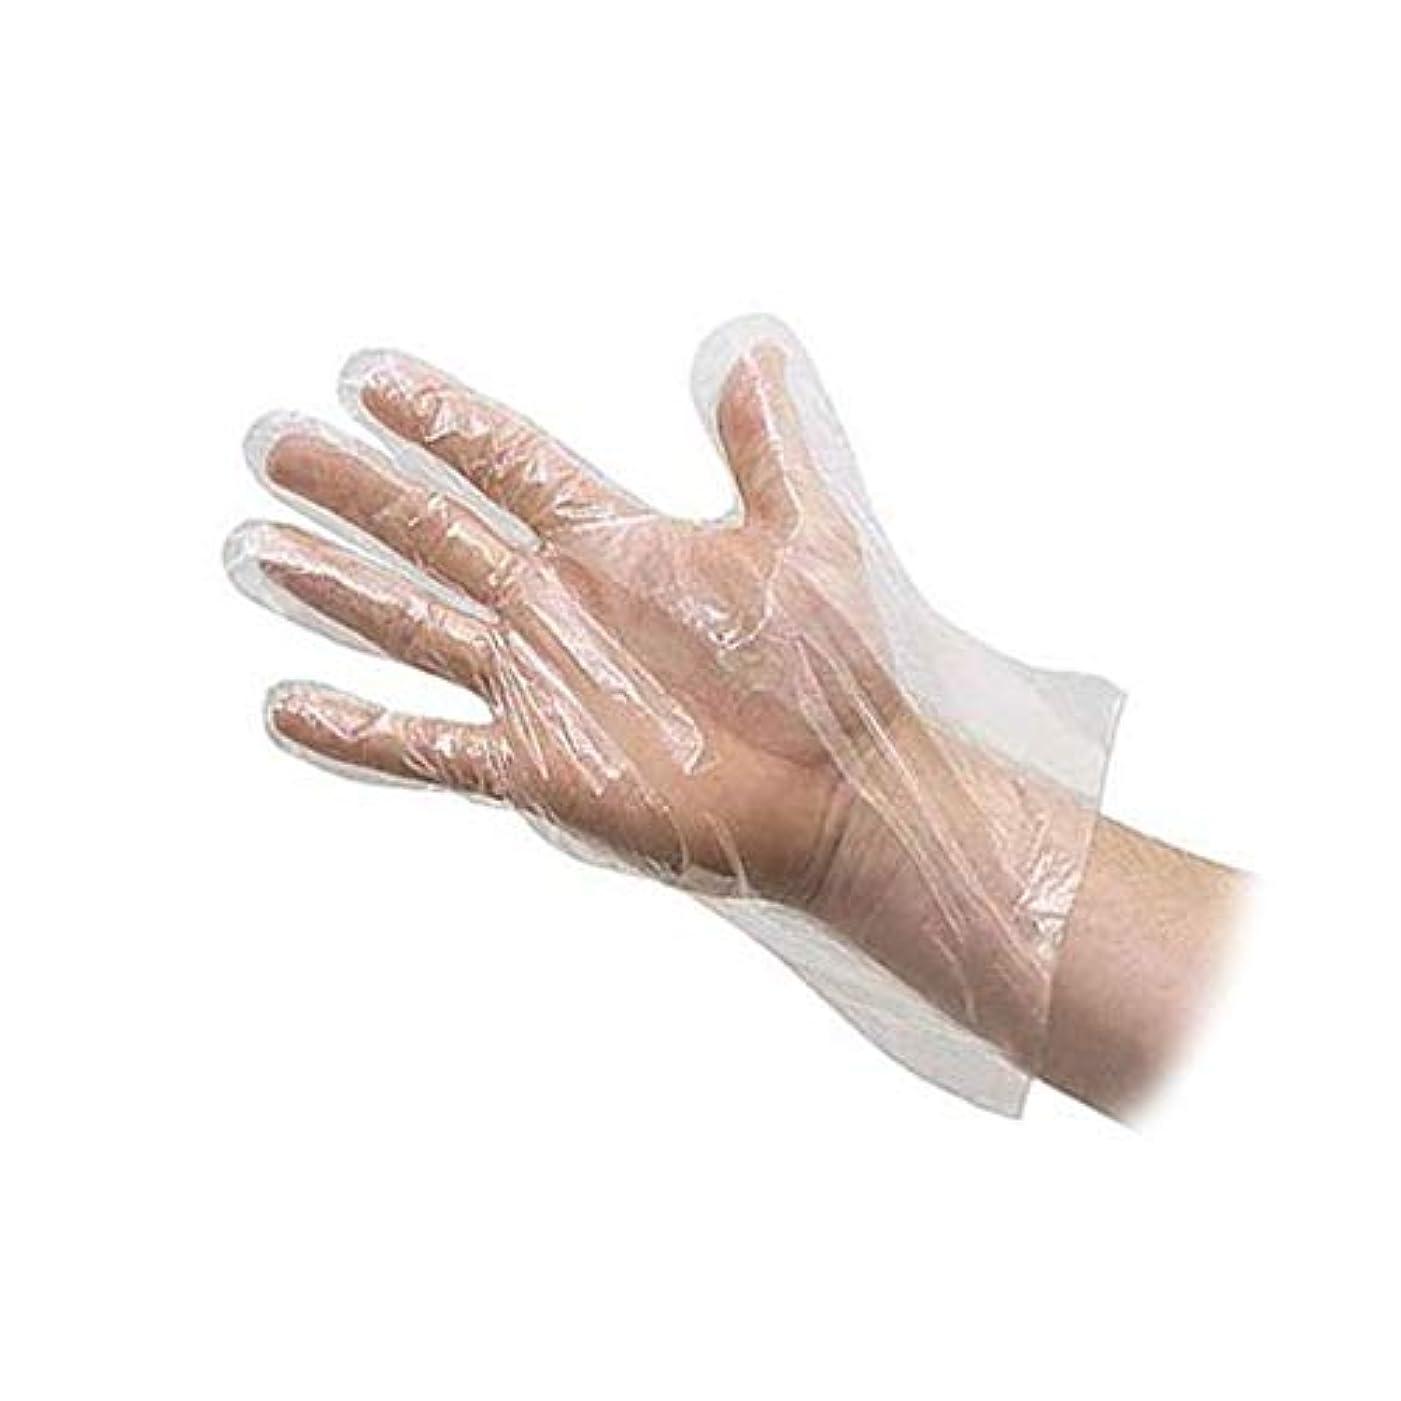 運営宅配便キリン(デマ―クト)De?markt ポリエチレン 手袋 使い捨て手袋 カタエンボス 調理用 食品 プラスチック ホワイト 粉なし 食品衛生 透明 左右兼用 薄型 ビニール極薄手袋 100枚入